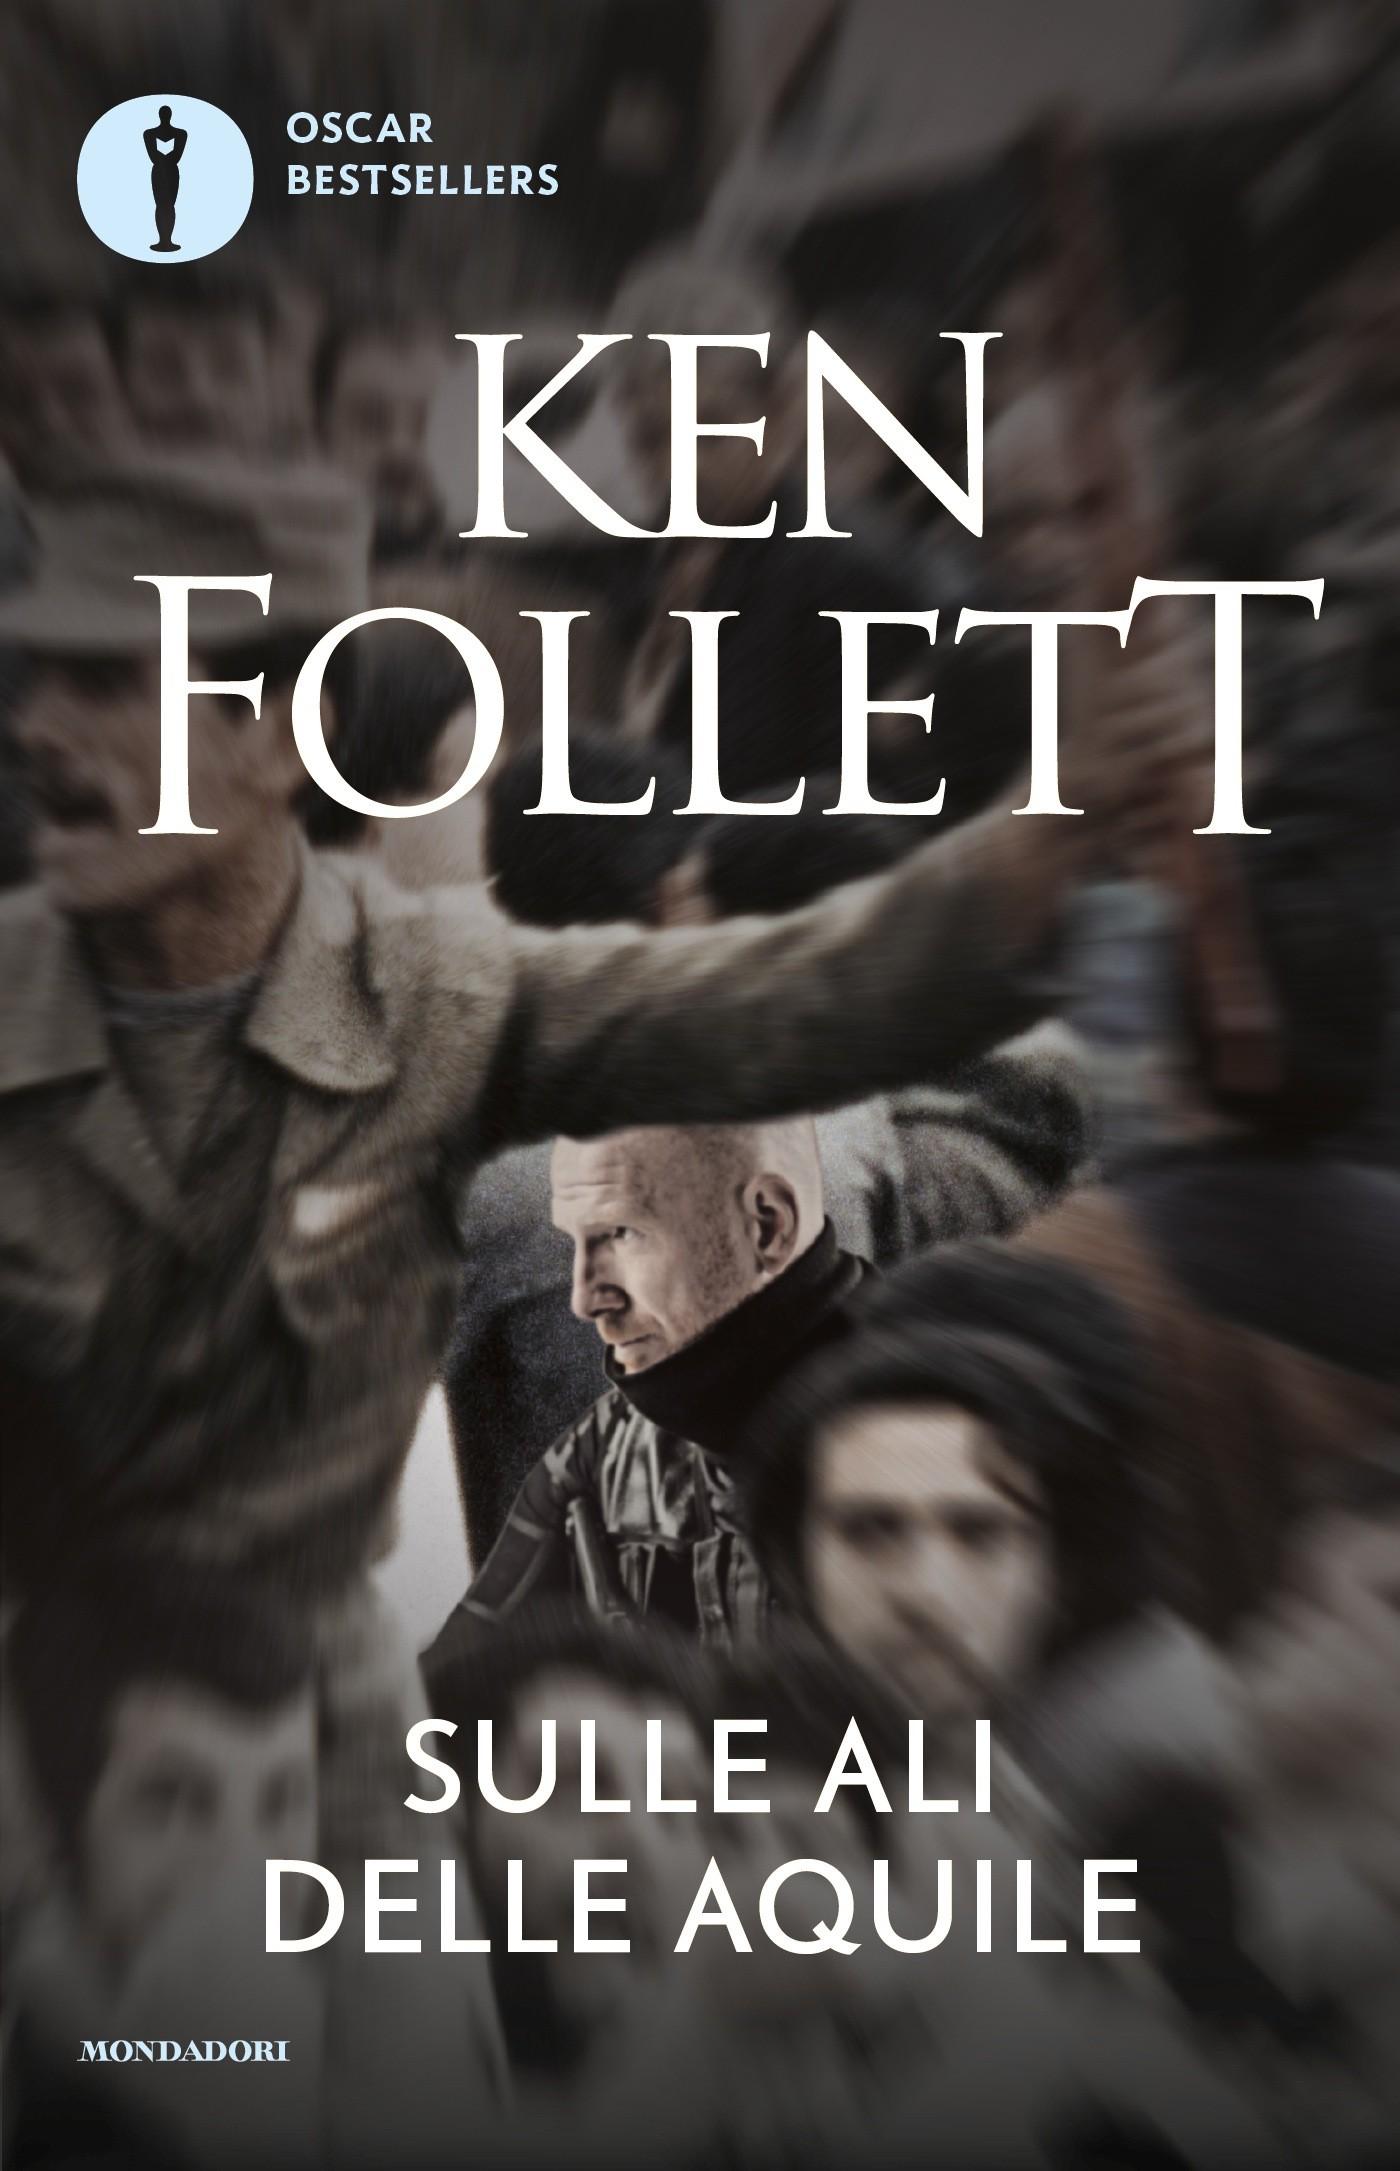 Sulle ali delle aquile ken follett ebook bookrepublic - Un letto di leoni ken follett ...